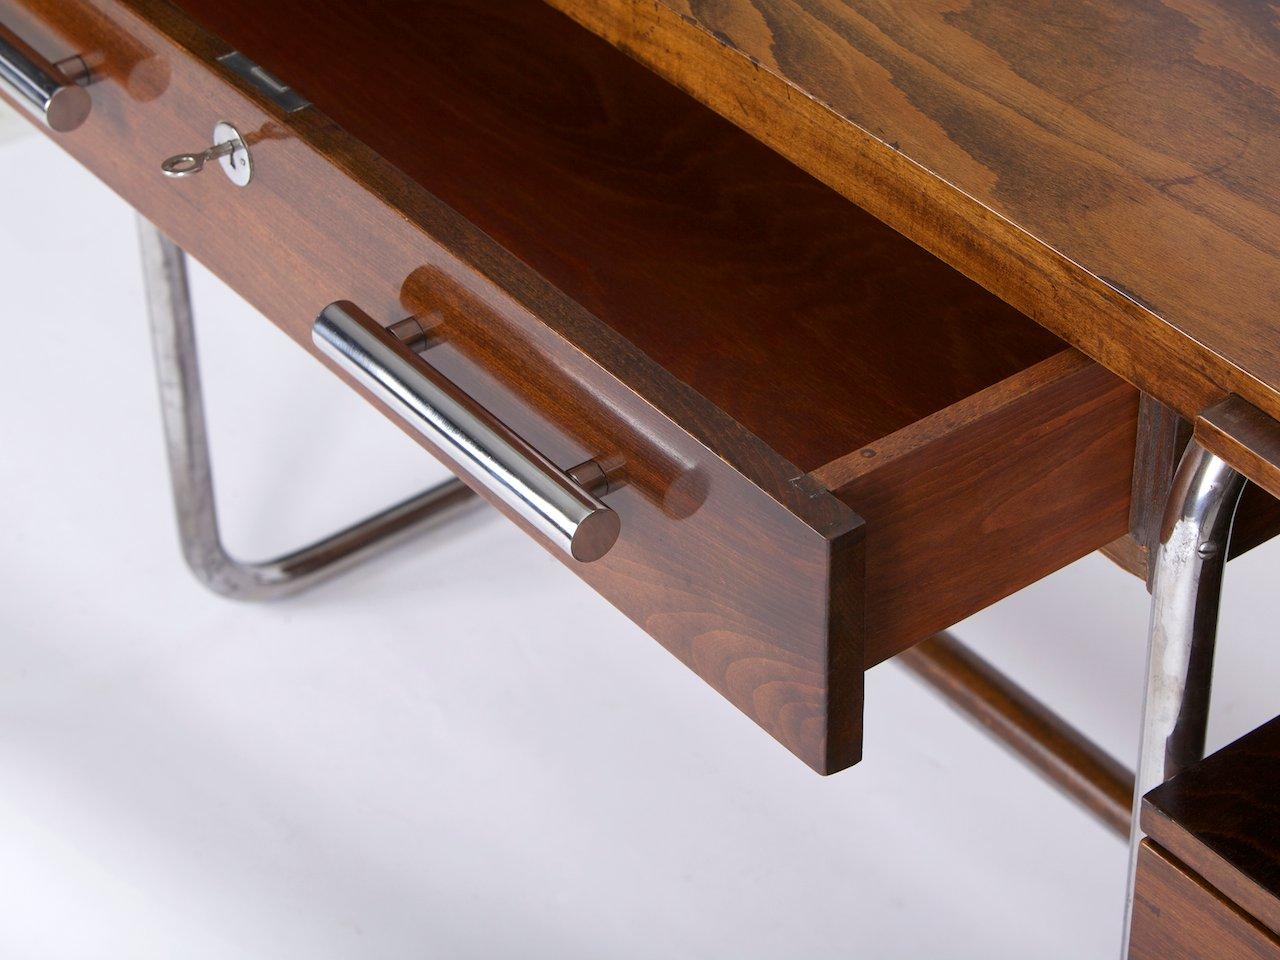 tschechischer bauhaus schreibtisch von hynek gottwald. Black Bedroom Furniture Sets. Home Design Ideas